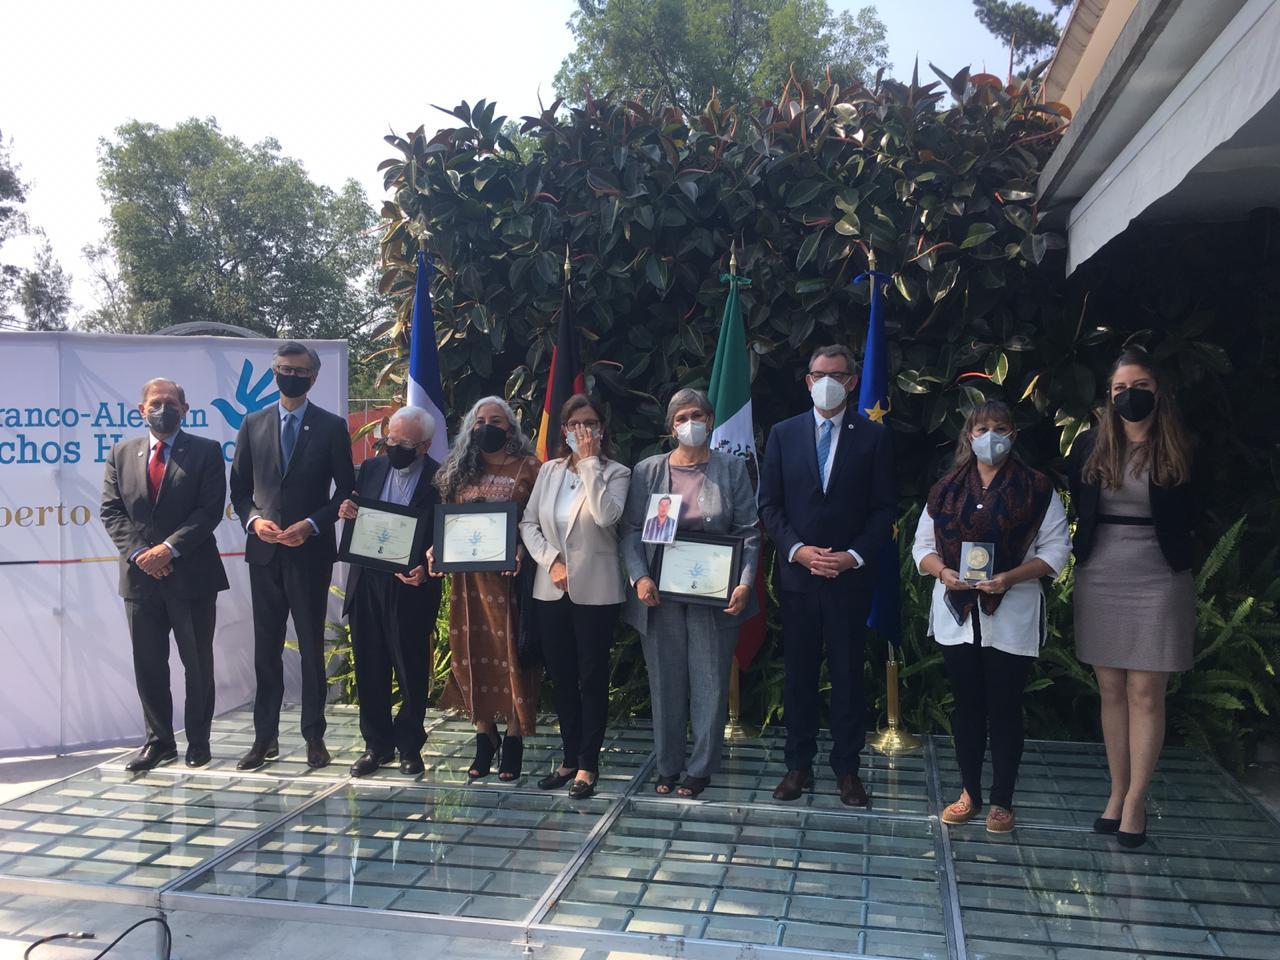 Entregan embajadores de Alemania y Francia en México Premio Franco-Alemán de Derechos Humanos Gilberto Bosques a Movimiento por Nuestros Desaparecidos en México